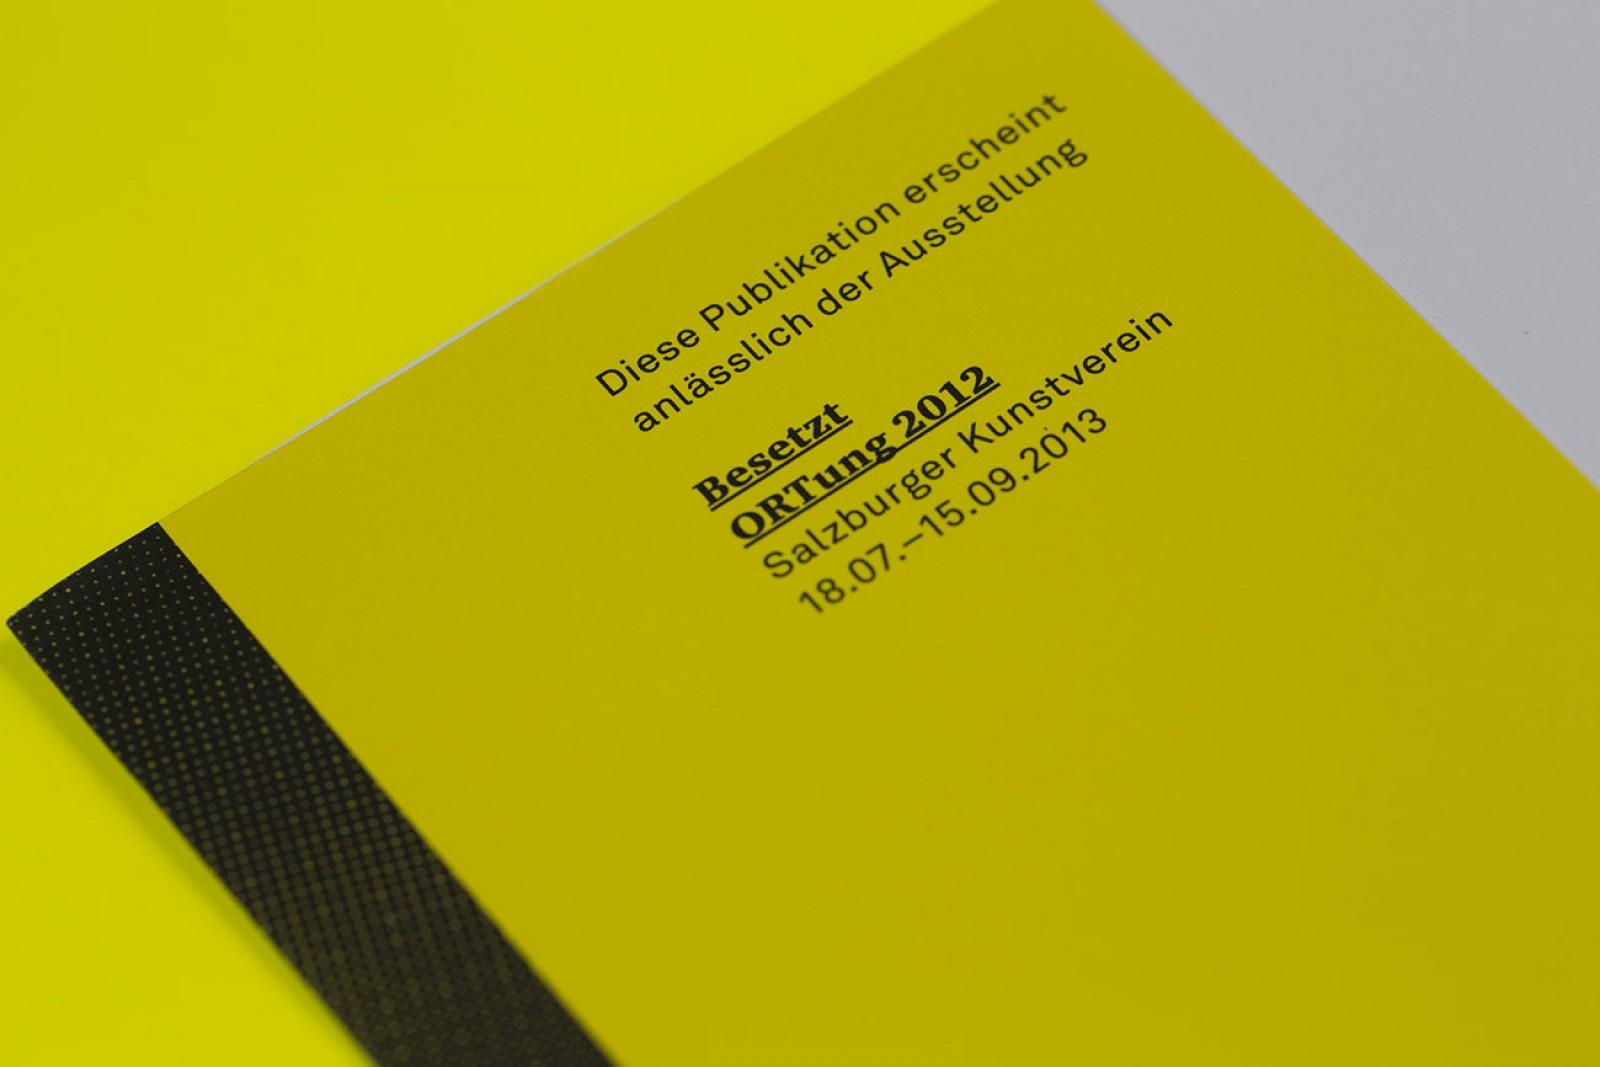 Layout und Schriftsatz und Grafikdesign des Umschlags für den Ausstellungskatalog des Salzburger Kunstvereins